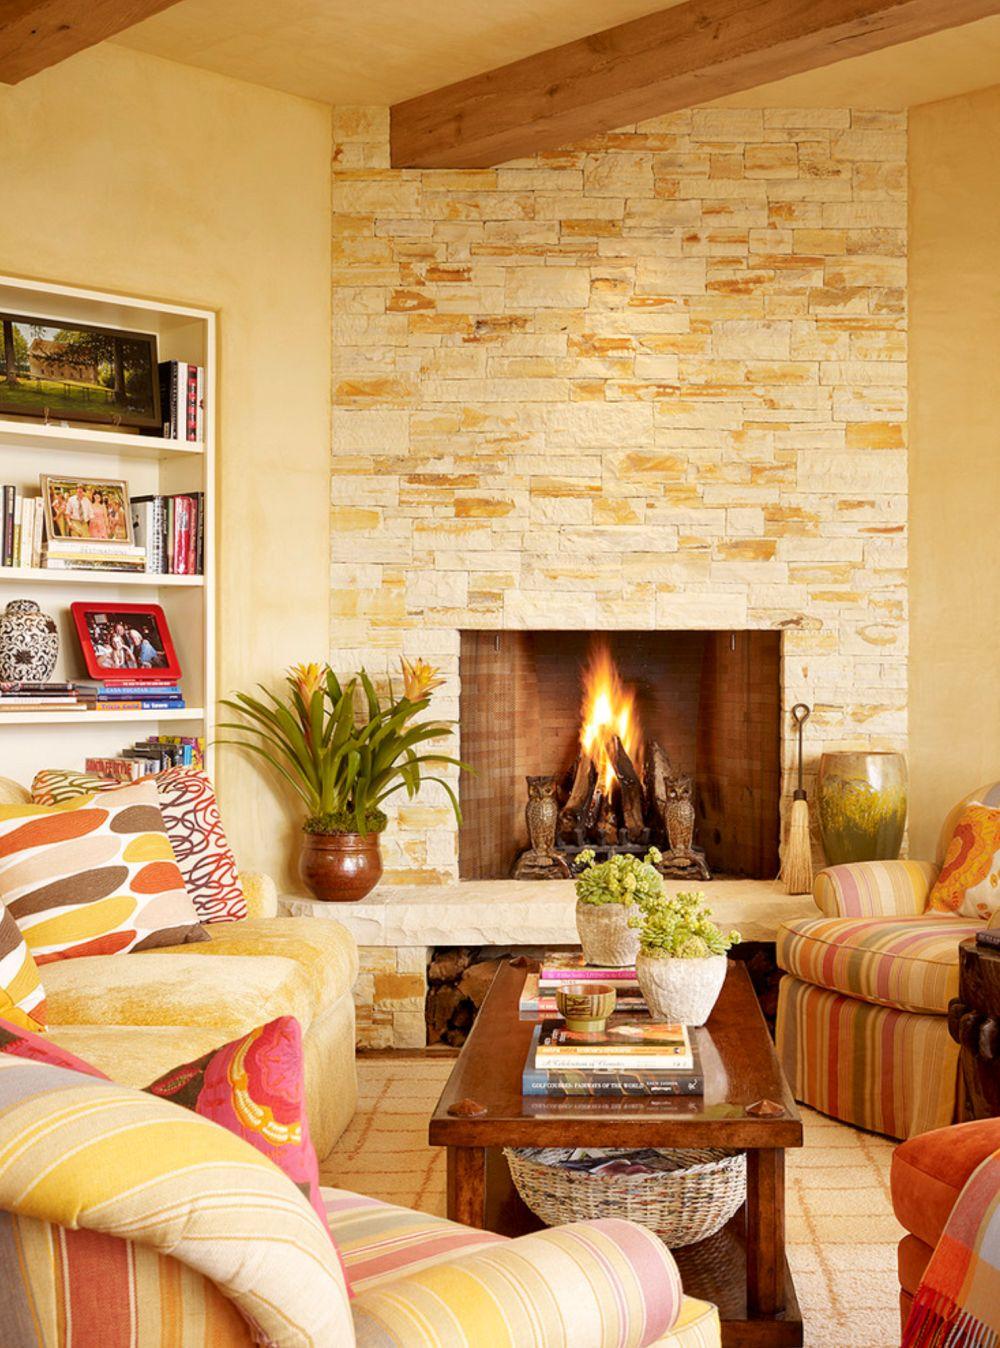 Locul de siestă amenajat în prelungirea sufrageriei familiei este vesel și plăcut, grație nuanțelor țesăturilor decorative folosite aici.